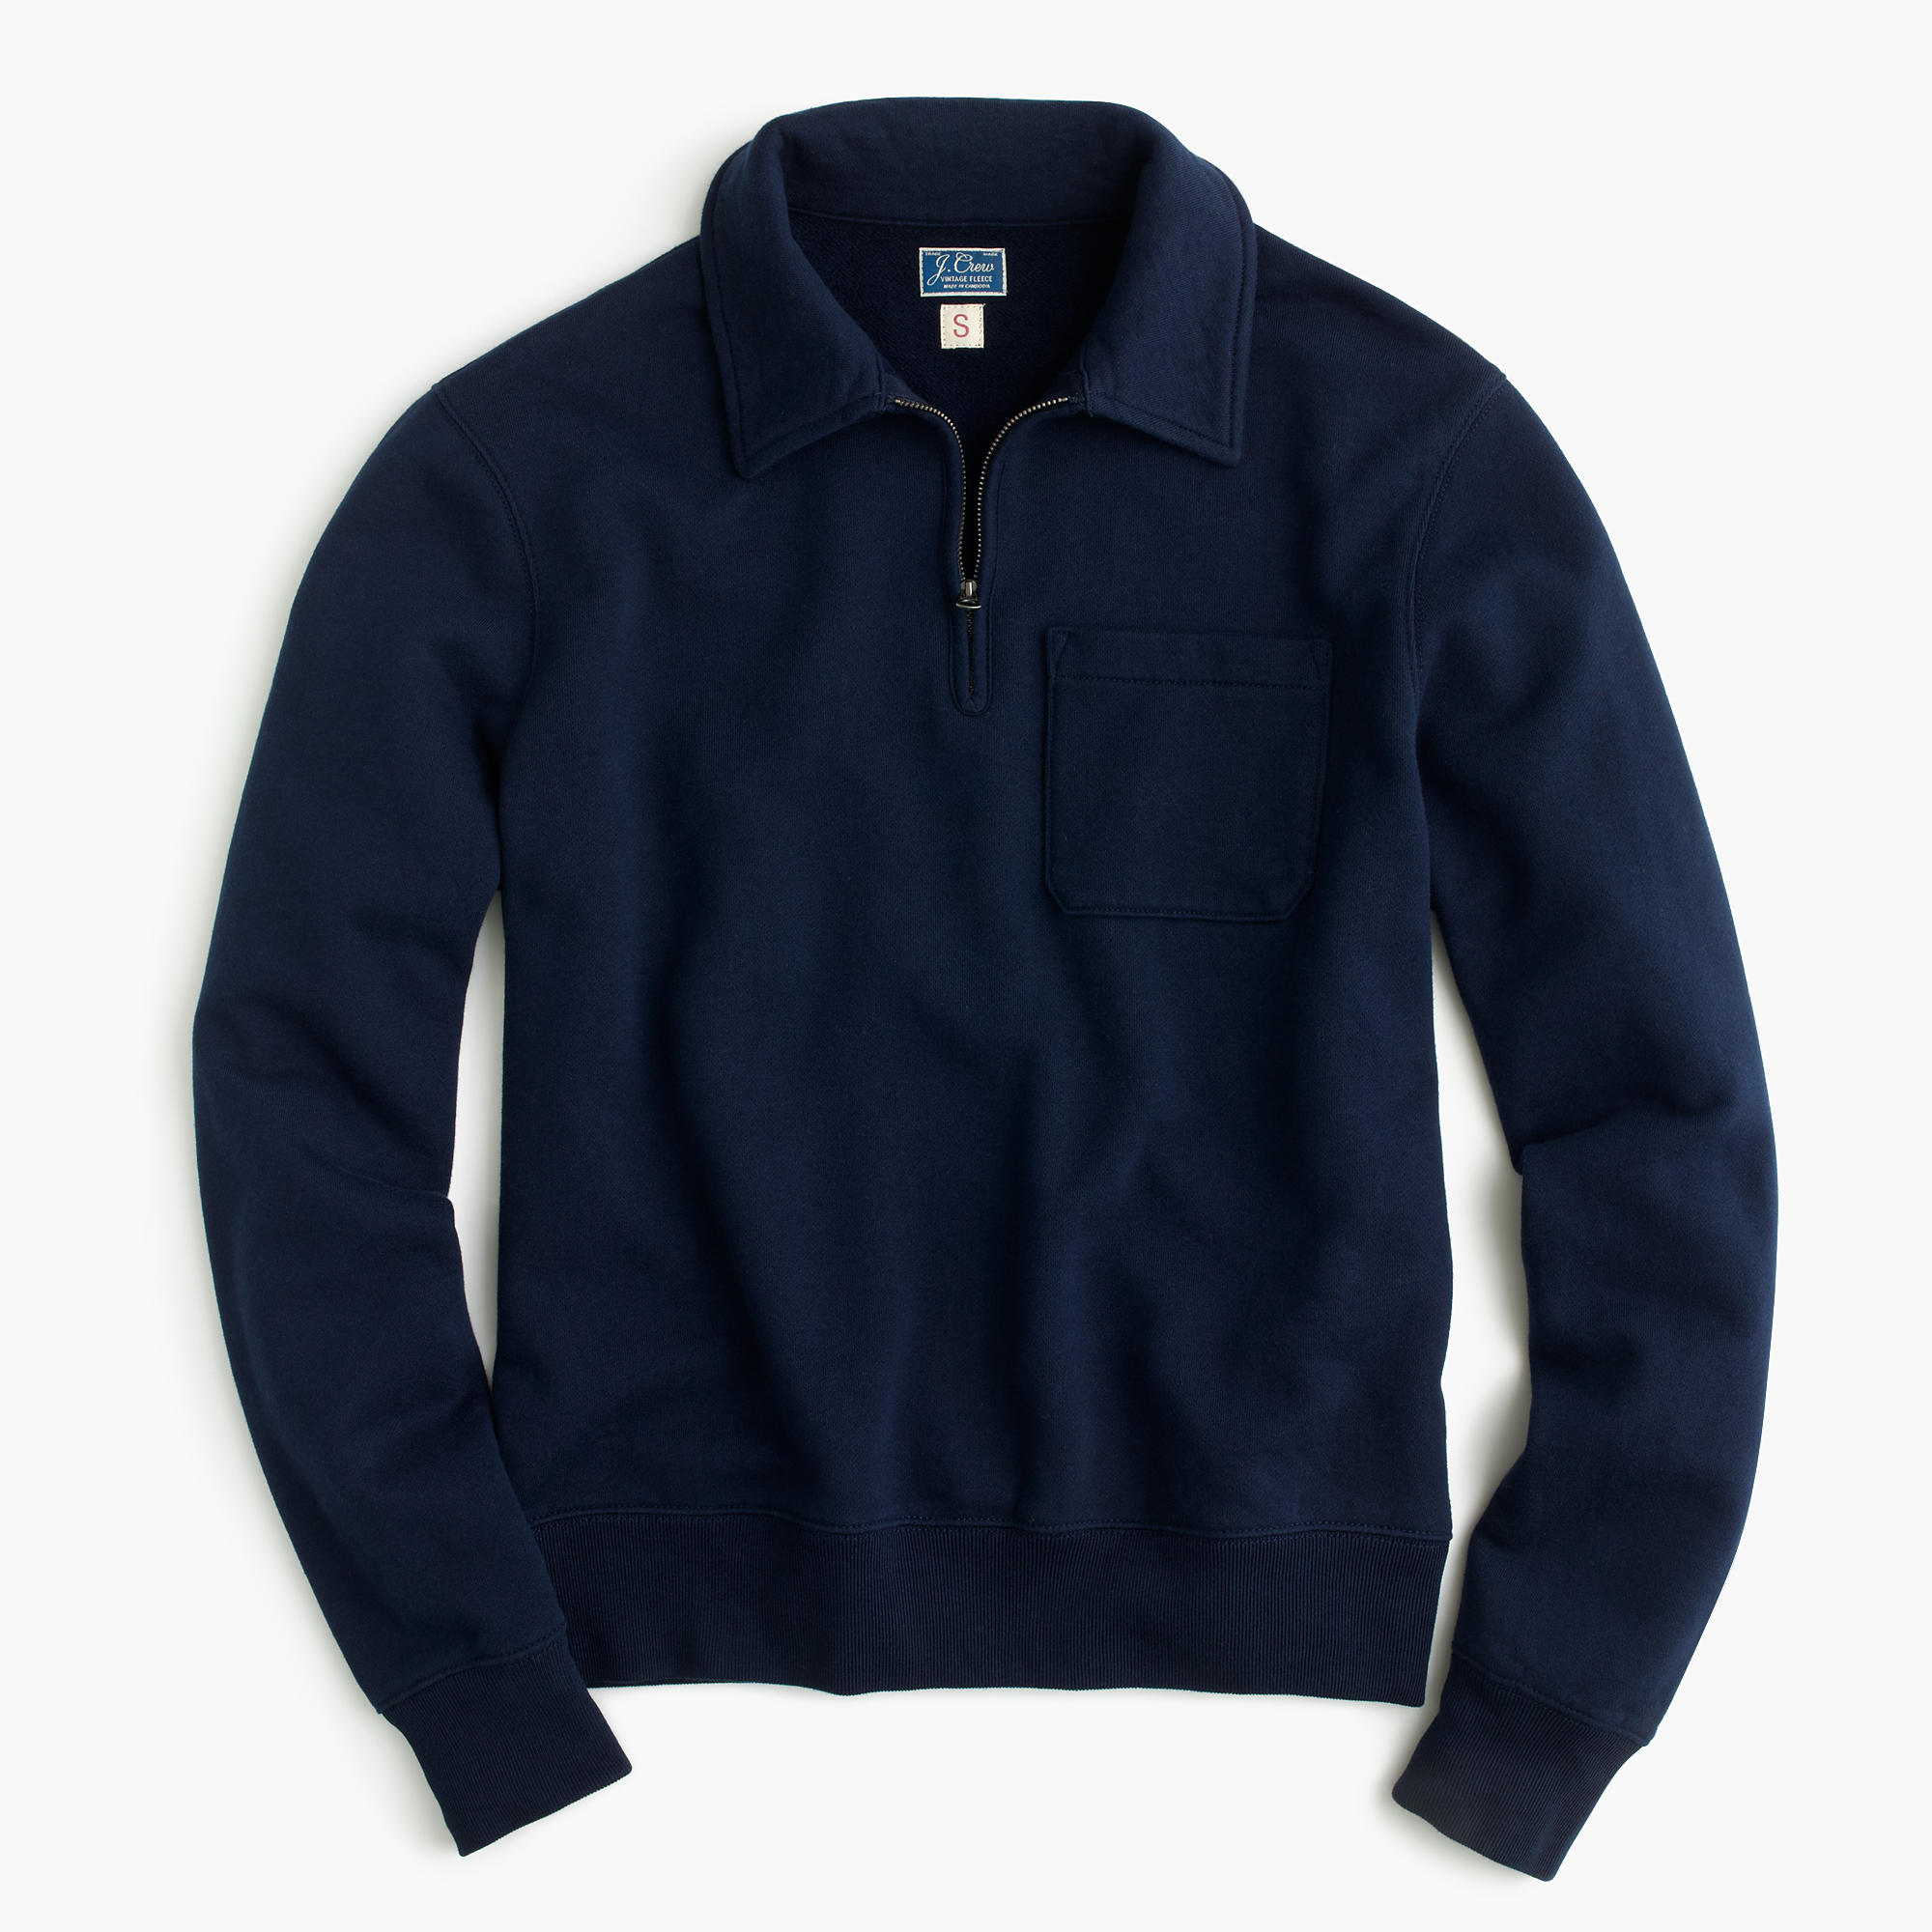 Lightweight Half-Zip Pullover Sweatshirt : Men's Sweatshirts | J.Crew